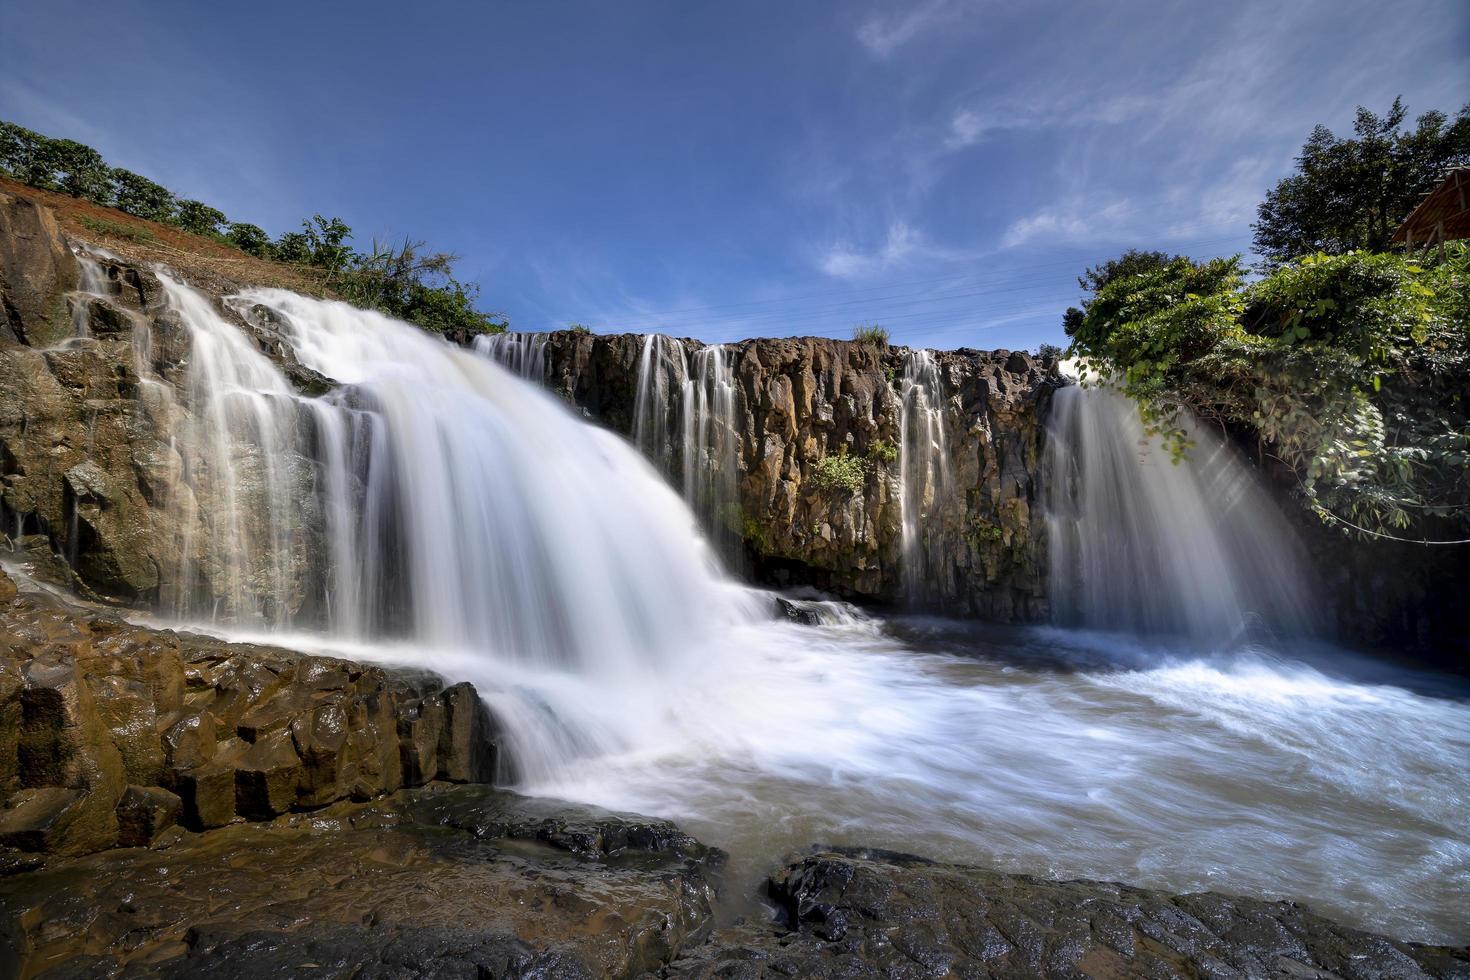 chutes d'eau sous le ciel bleu photo